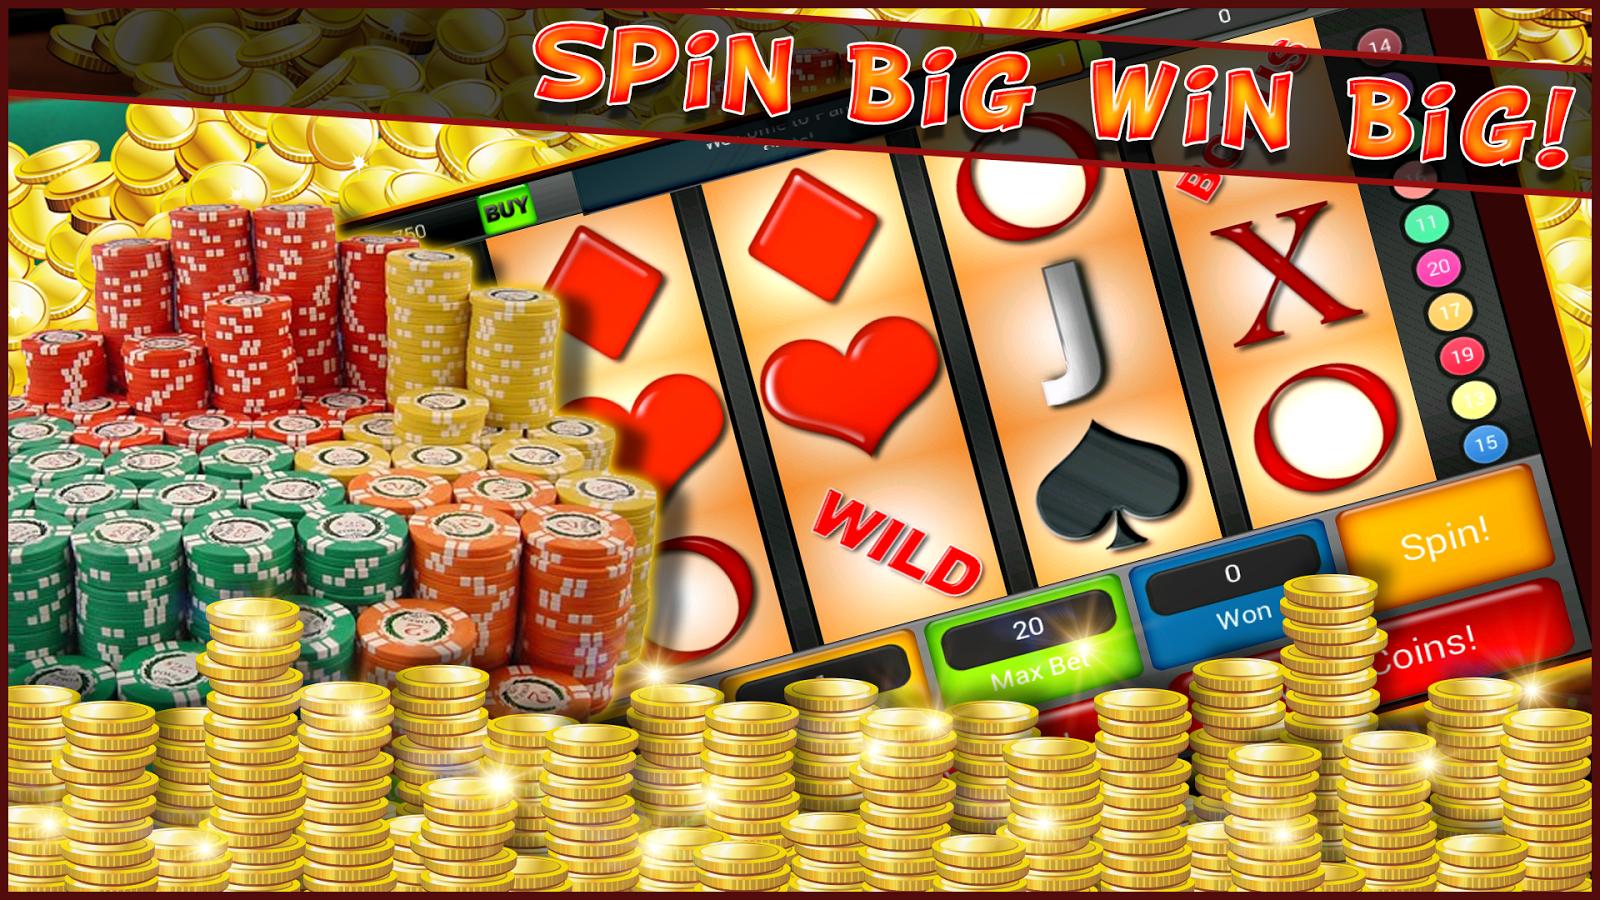 Джек-пот или крупный выигрыш в казино